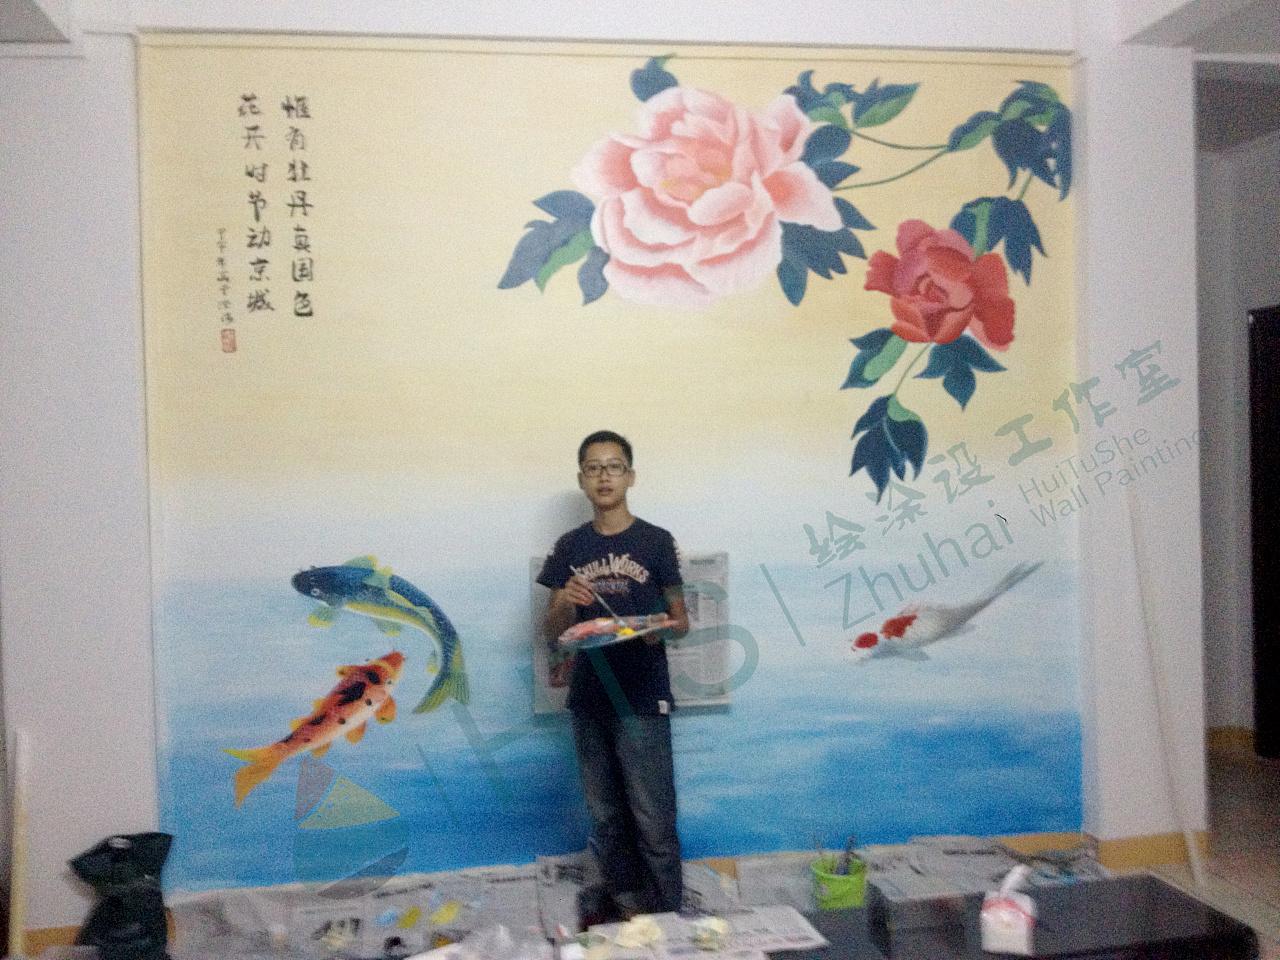 珠海 手绘墙|其他|墙绘/立体画|xsg涂鸦工作室 - 原创